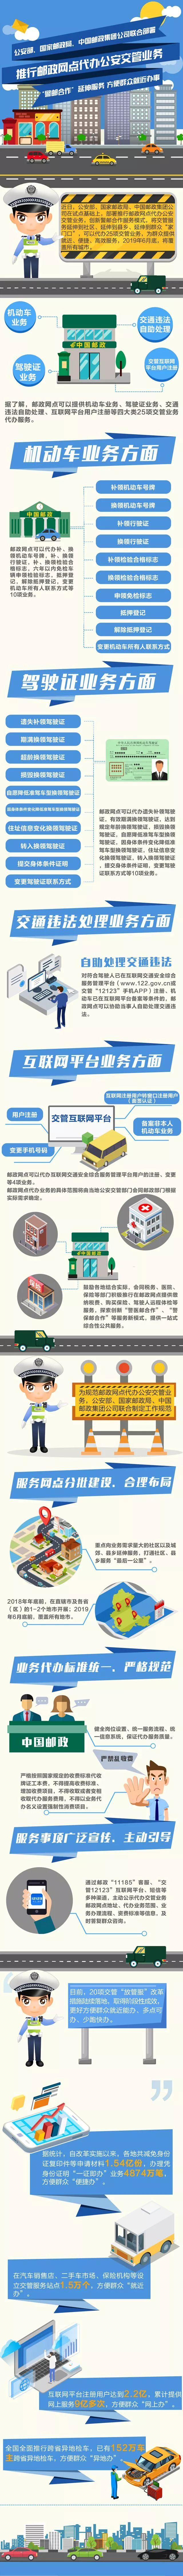 一图看懂 邮局可补换领驾照啦!还能办哪些交管业务?